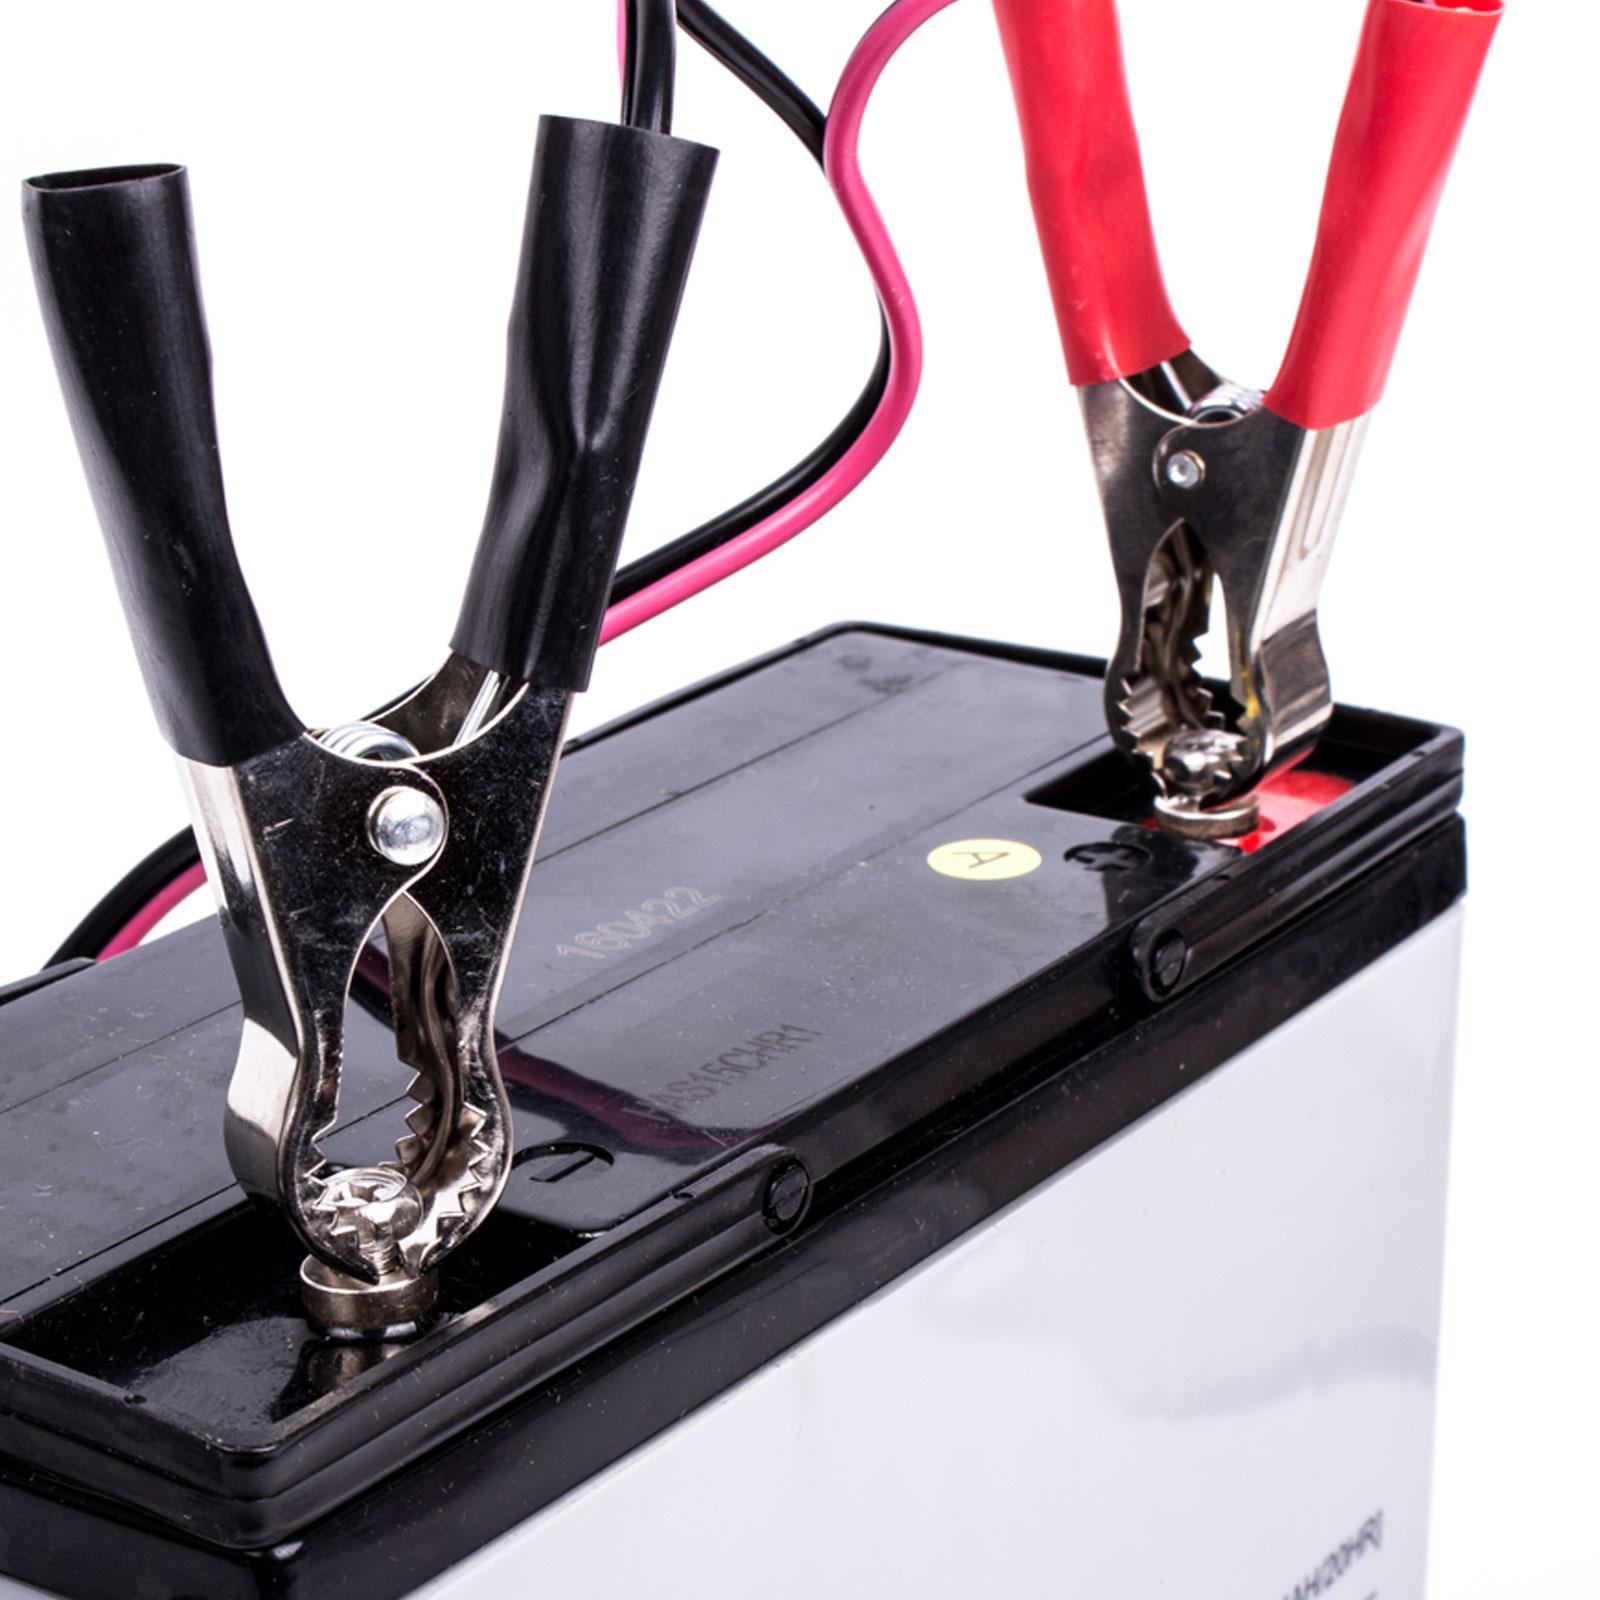 dunlop batterieladeger t 6 12 volt f r blei s ure und gel. Black Bedroom Furniture Sets. Home Design Ideas